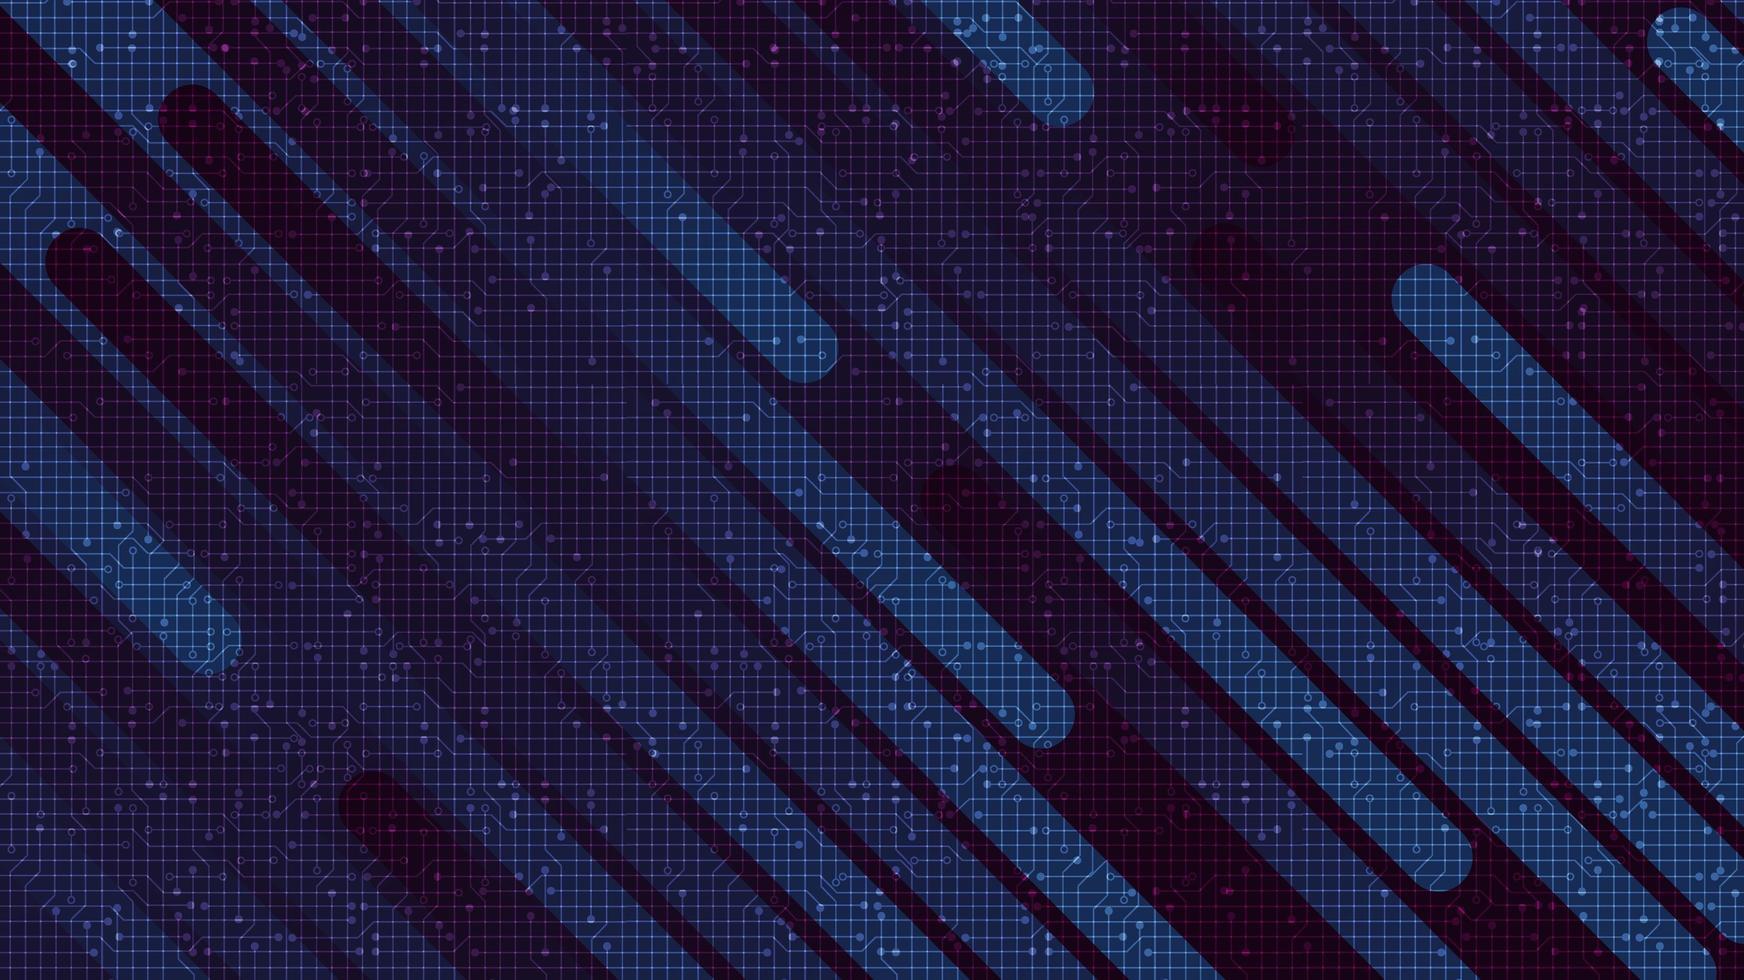 Microchip de circuito de línea de velocidad futurista sobre fondo de tecnología púrpura, diseño de concepto de alta tecnología y seguridad vector